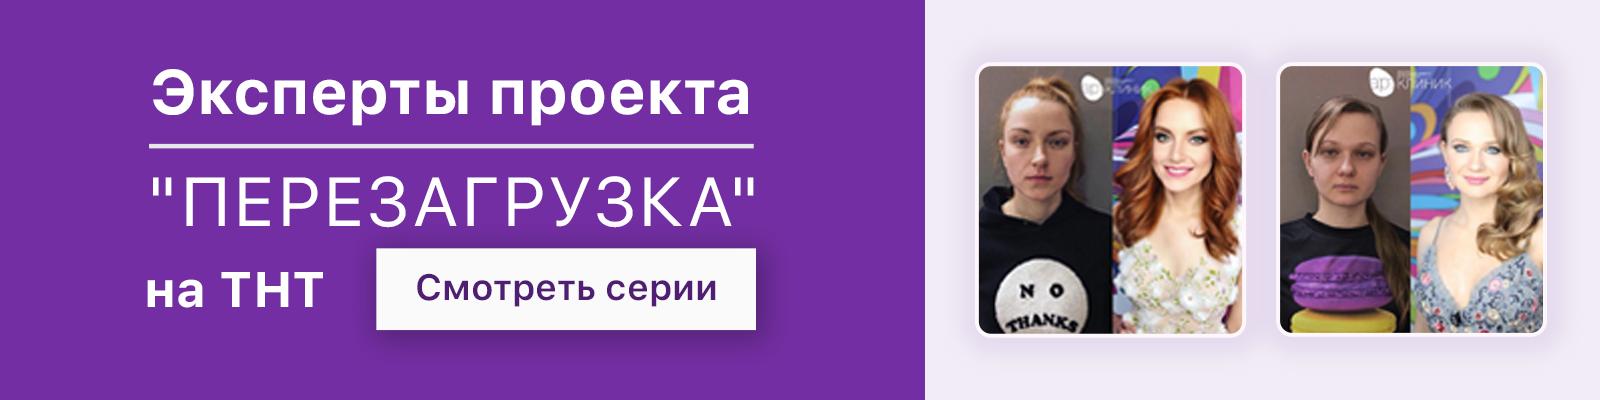 Эксперты проекта шоу ПЕРЕЗАГРУЗКА на ТНТ